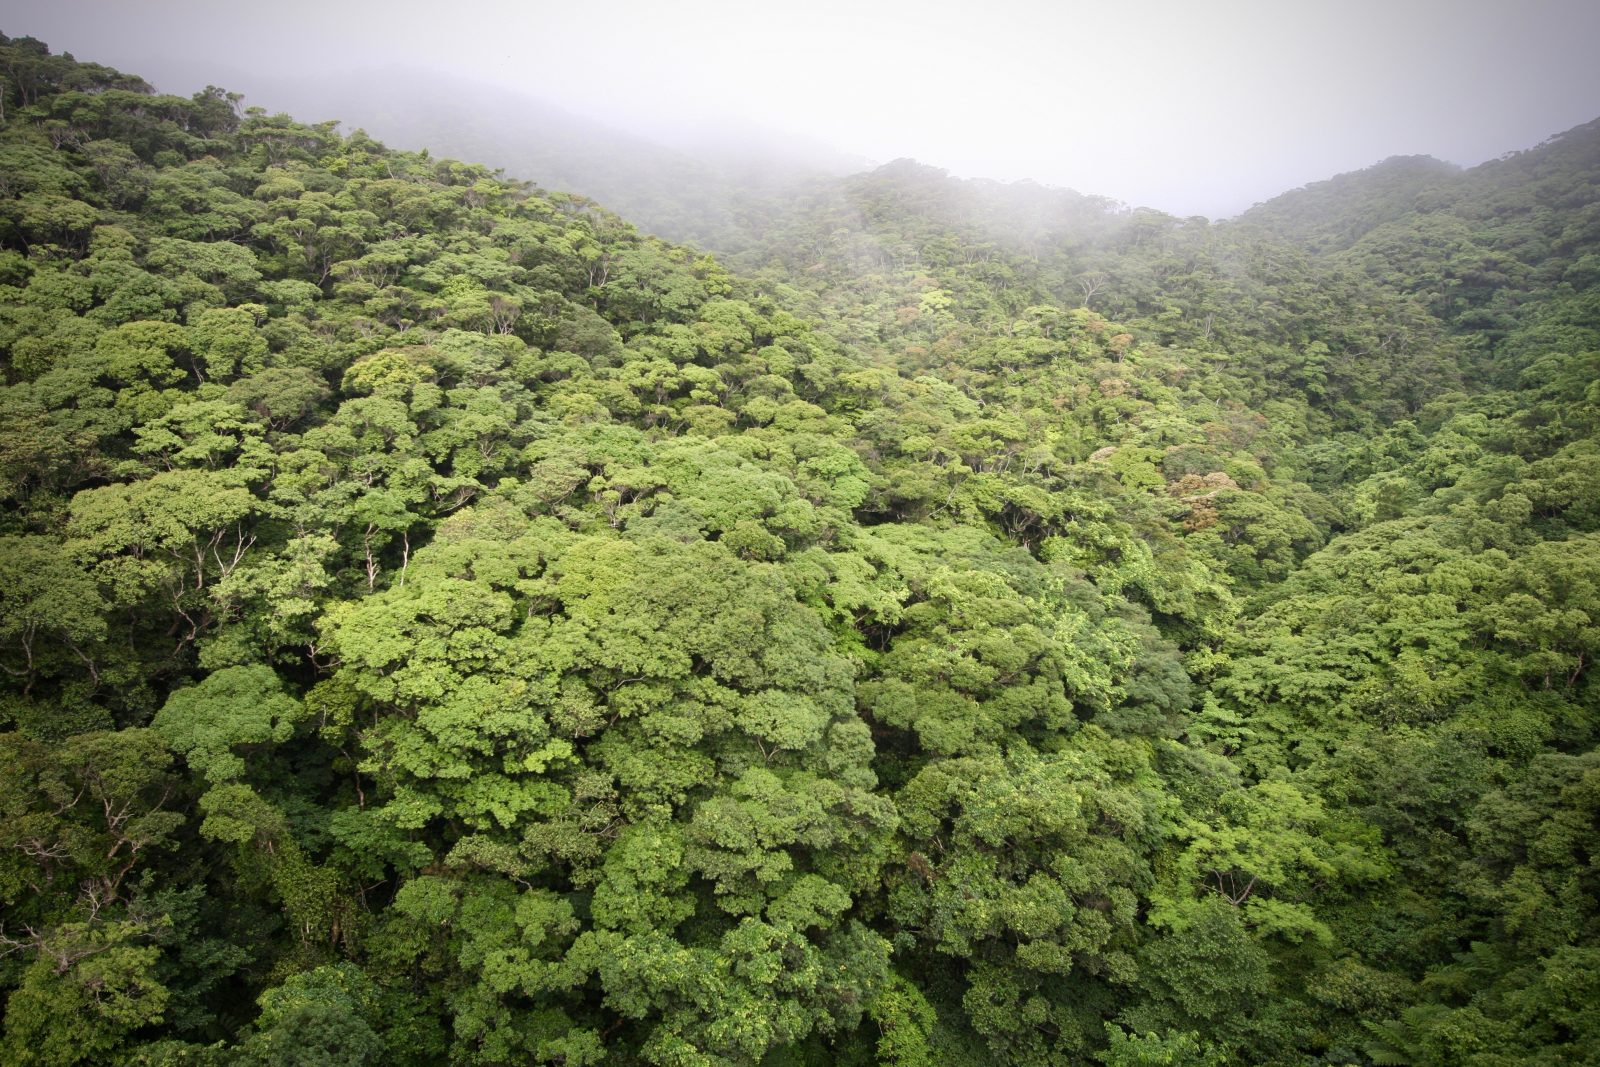 Regenwald Okinawa Japan Zorillafilm Grospitz Westphalen